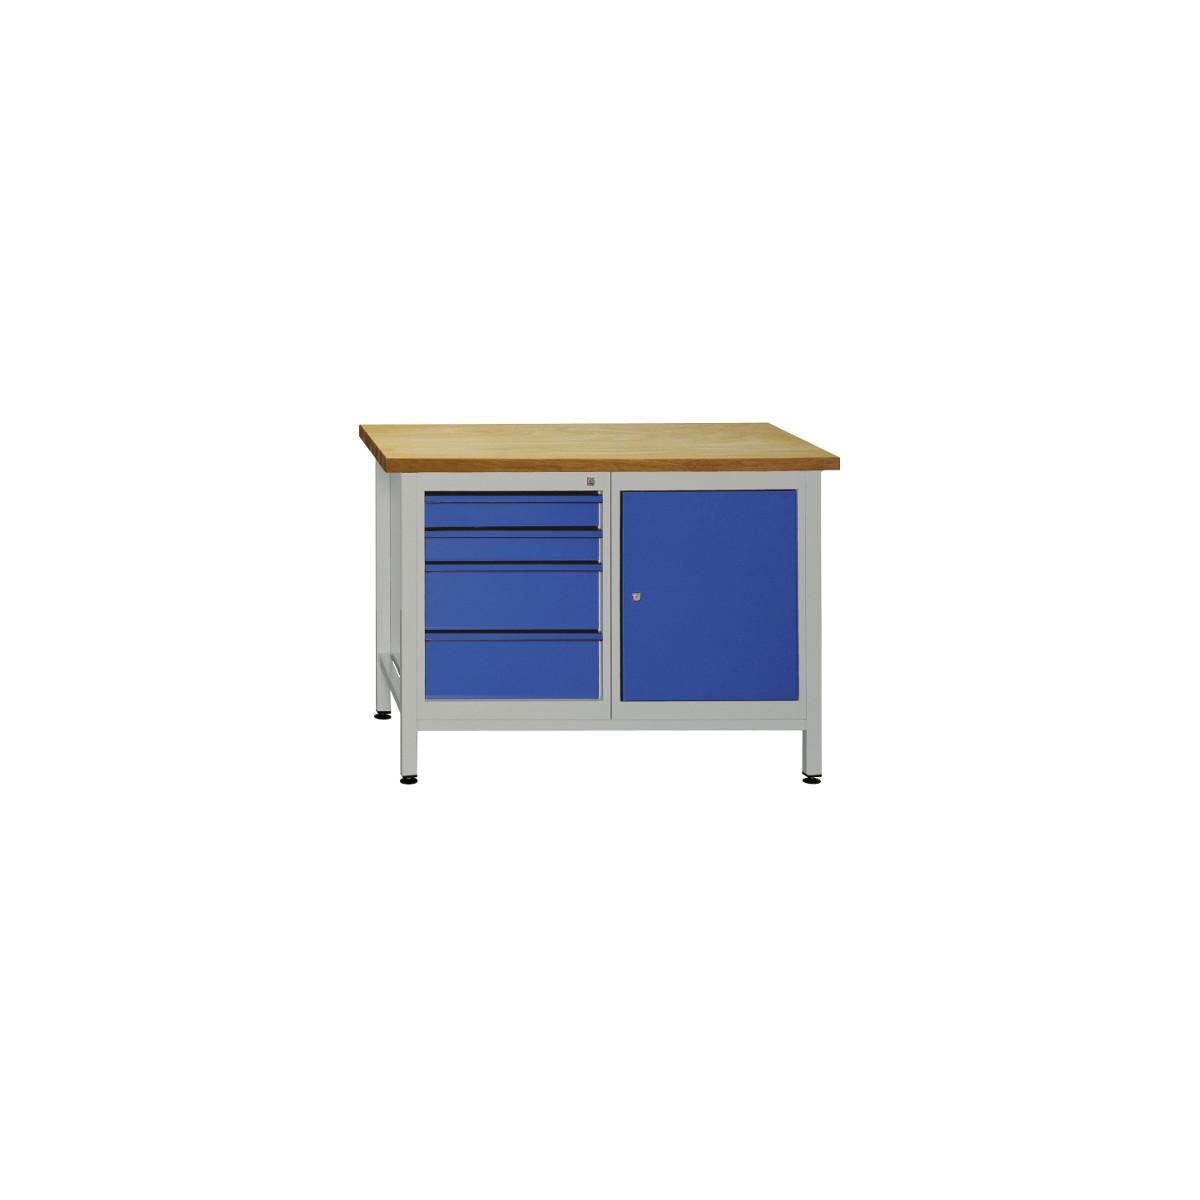 werkbank mit 4 schubladen und t r transport und stapelboxen beh l 687 50. Black Bedroom Furniture Sets. Home Design Ideas